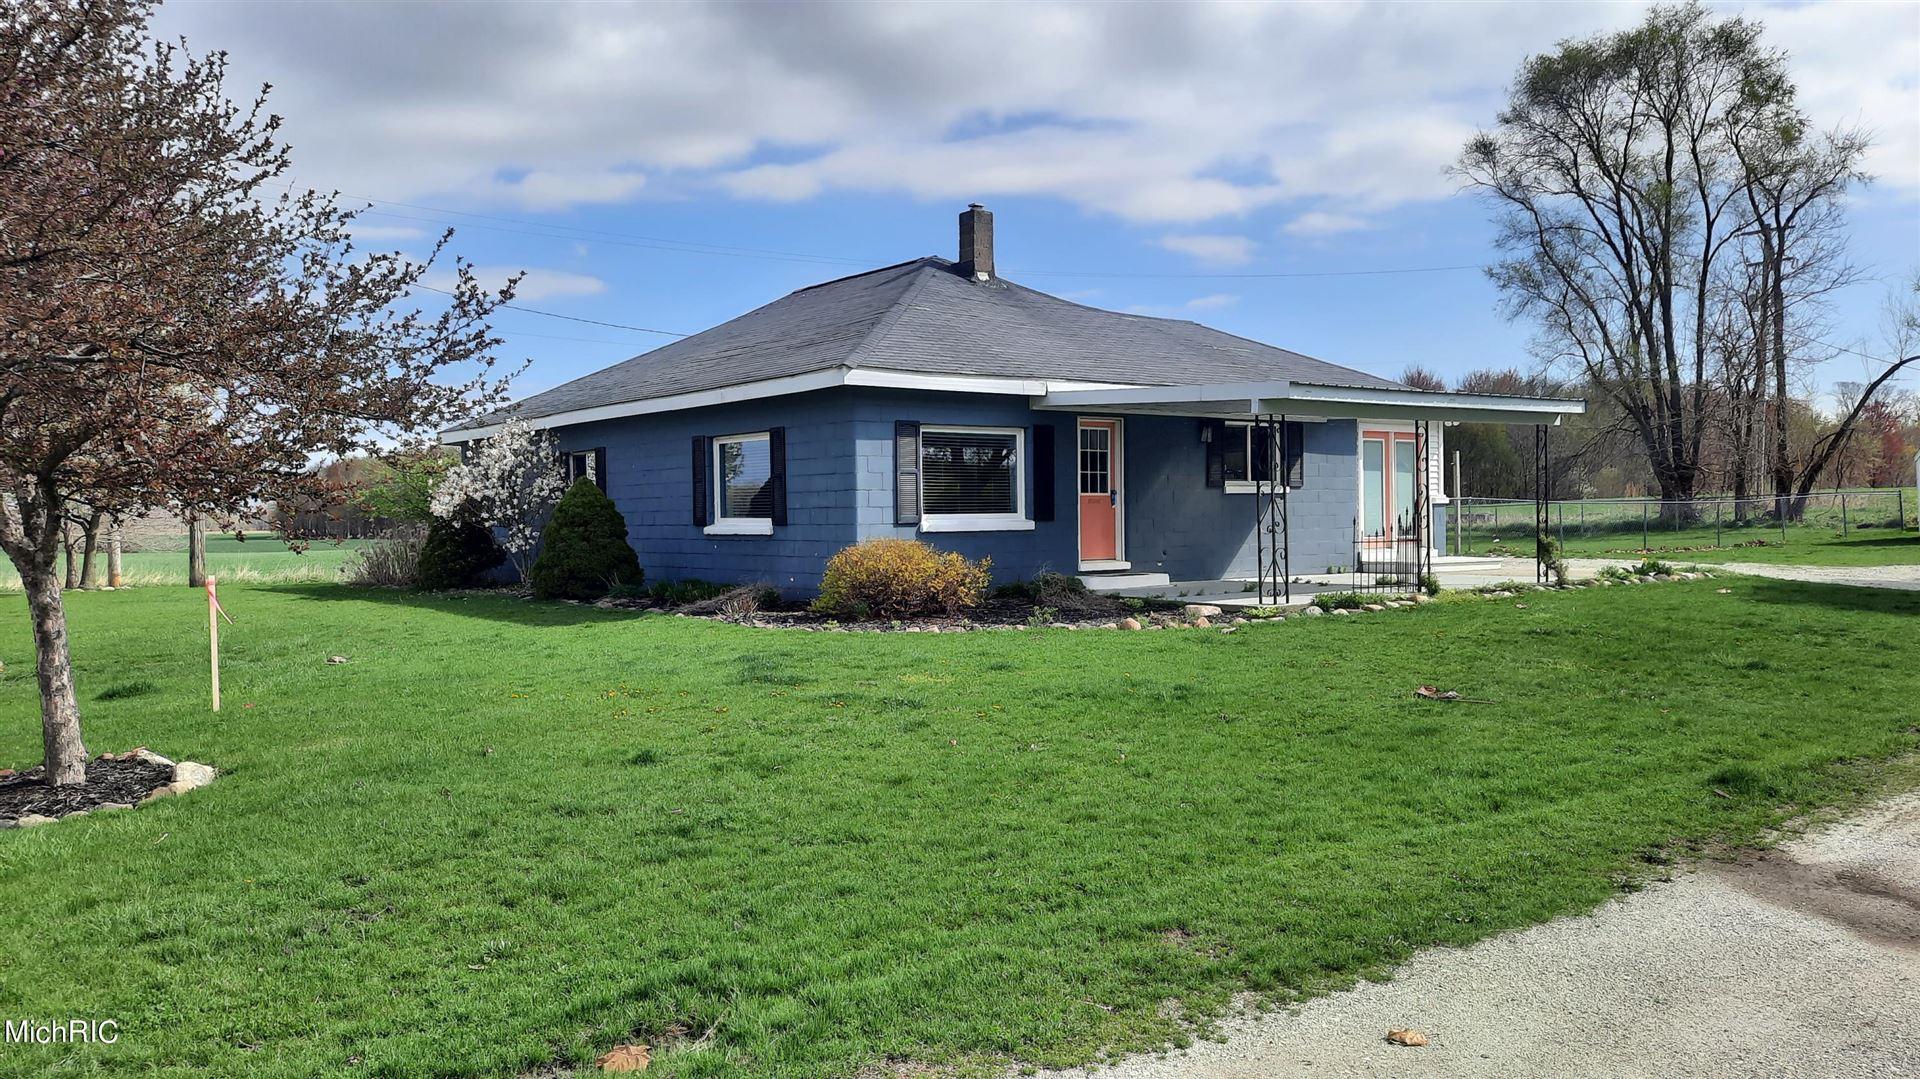 815 St Joseph Road, Burr Oak, MI 49030 - MLS#: 21012338